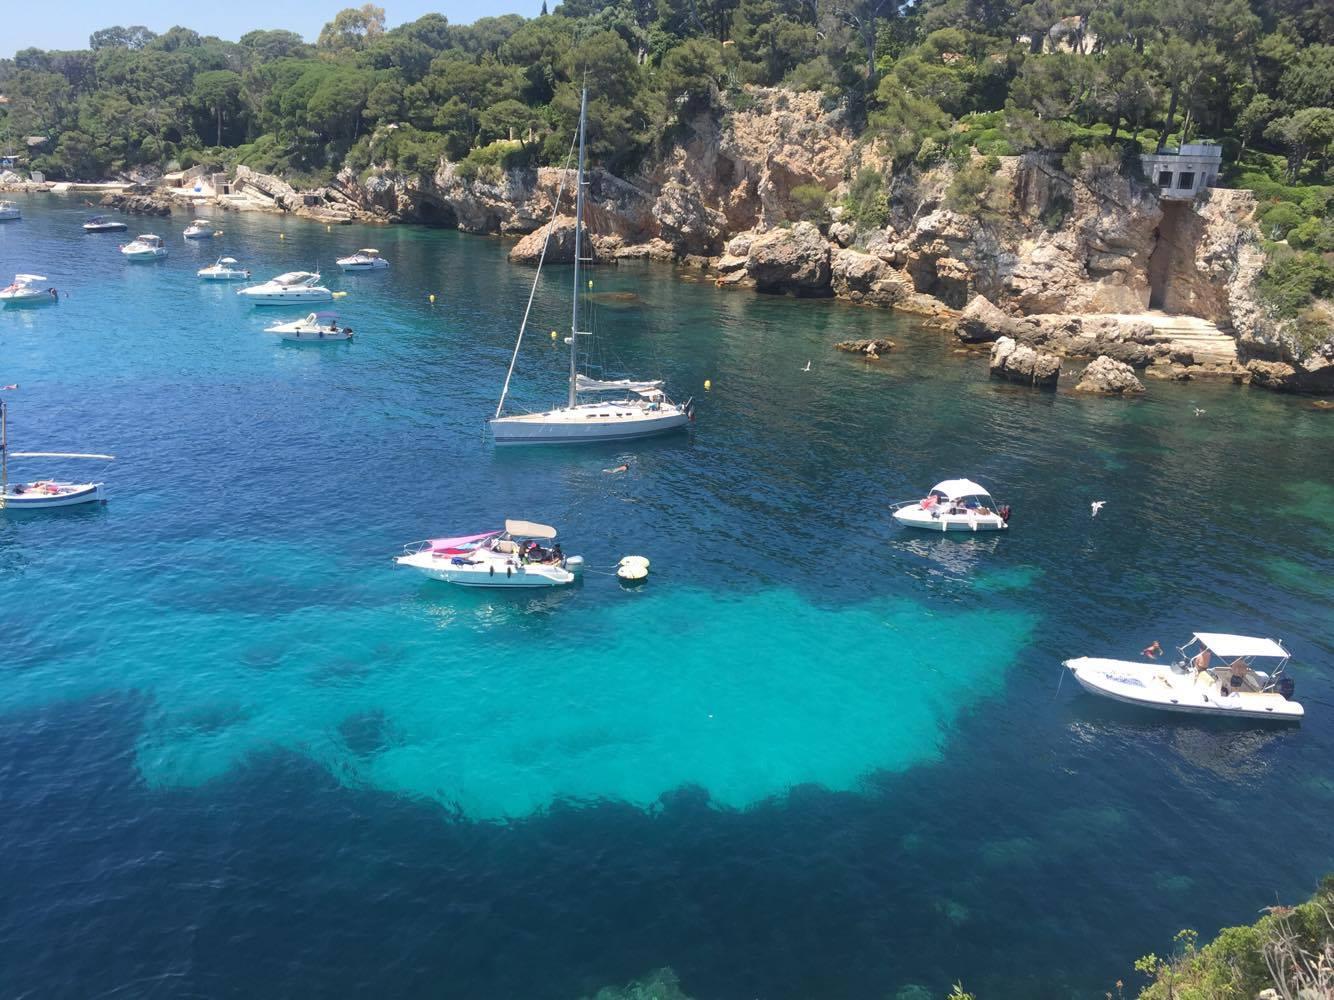 Spiagge della Costa Azzurra (seconda parte)